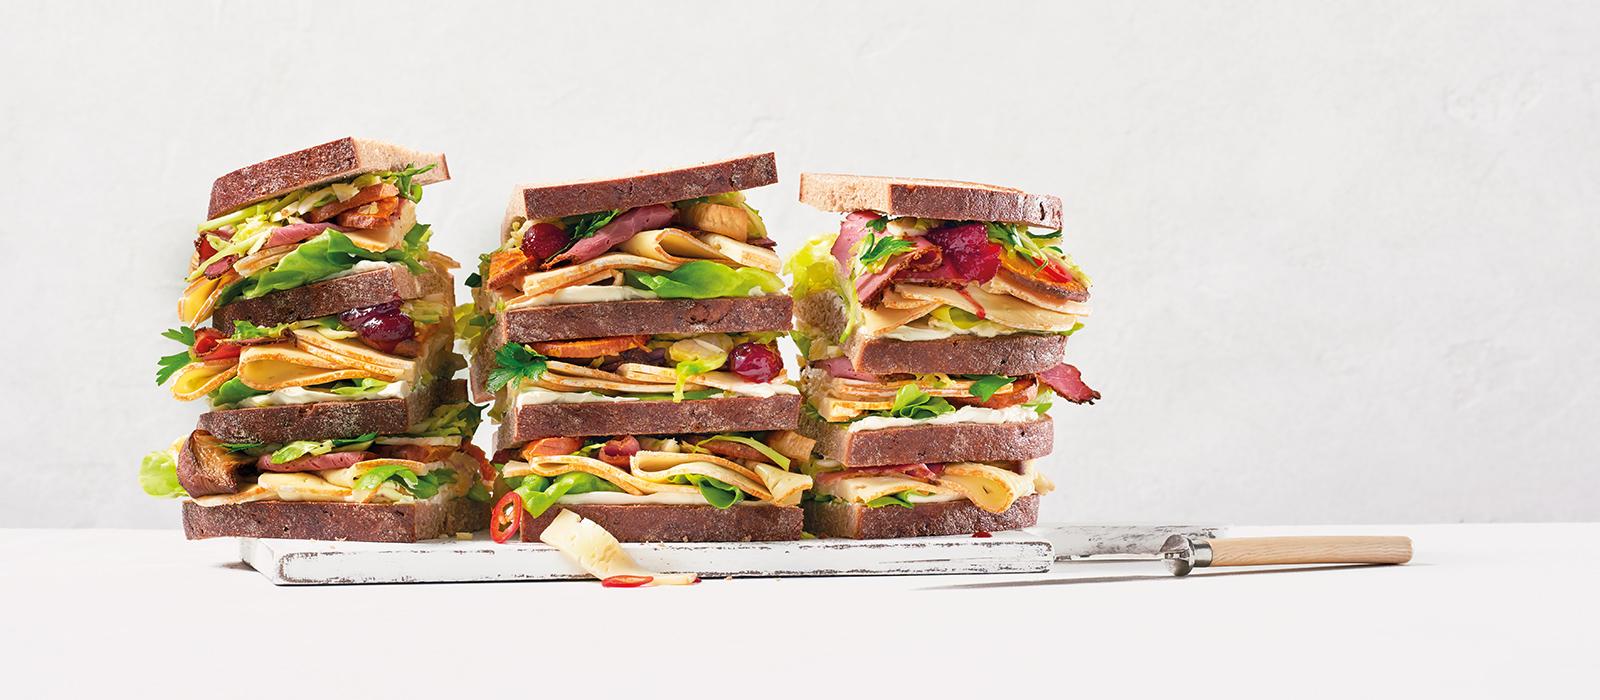 Bauernbrot-Pastrami-Sandwich